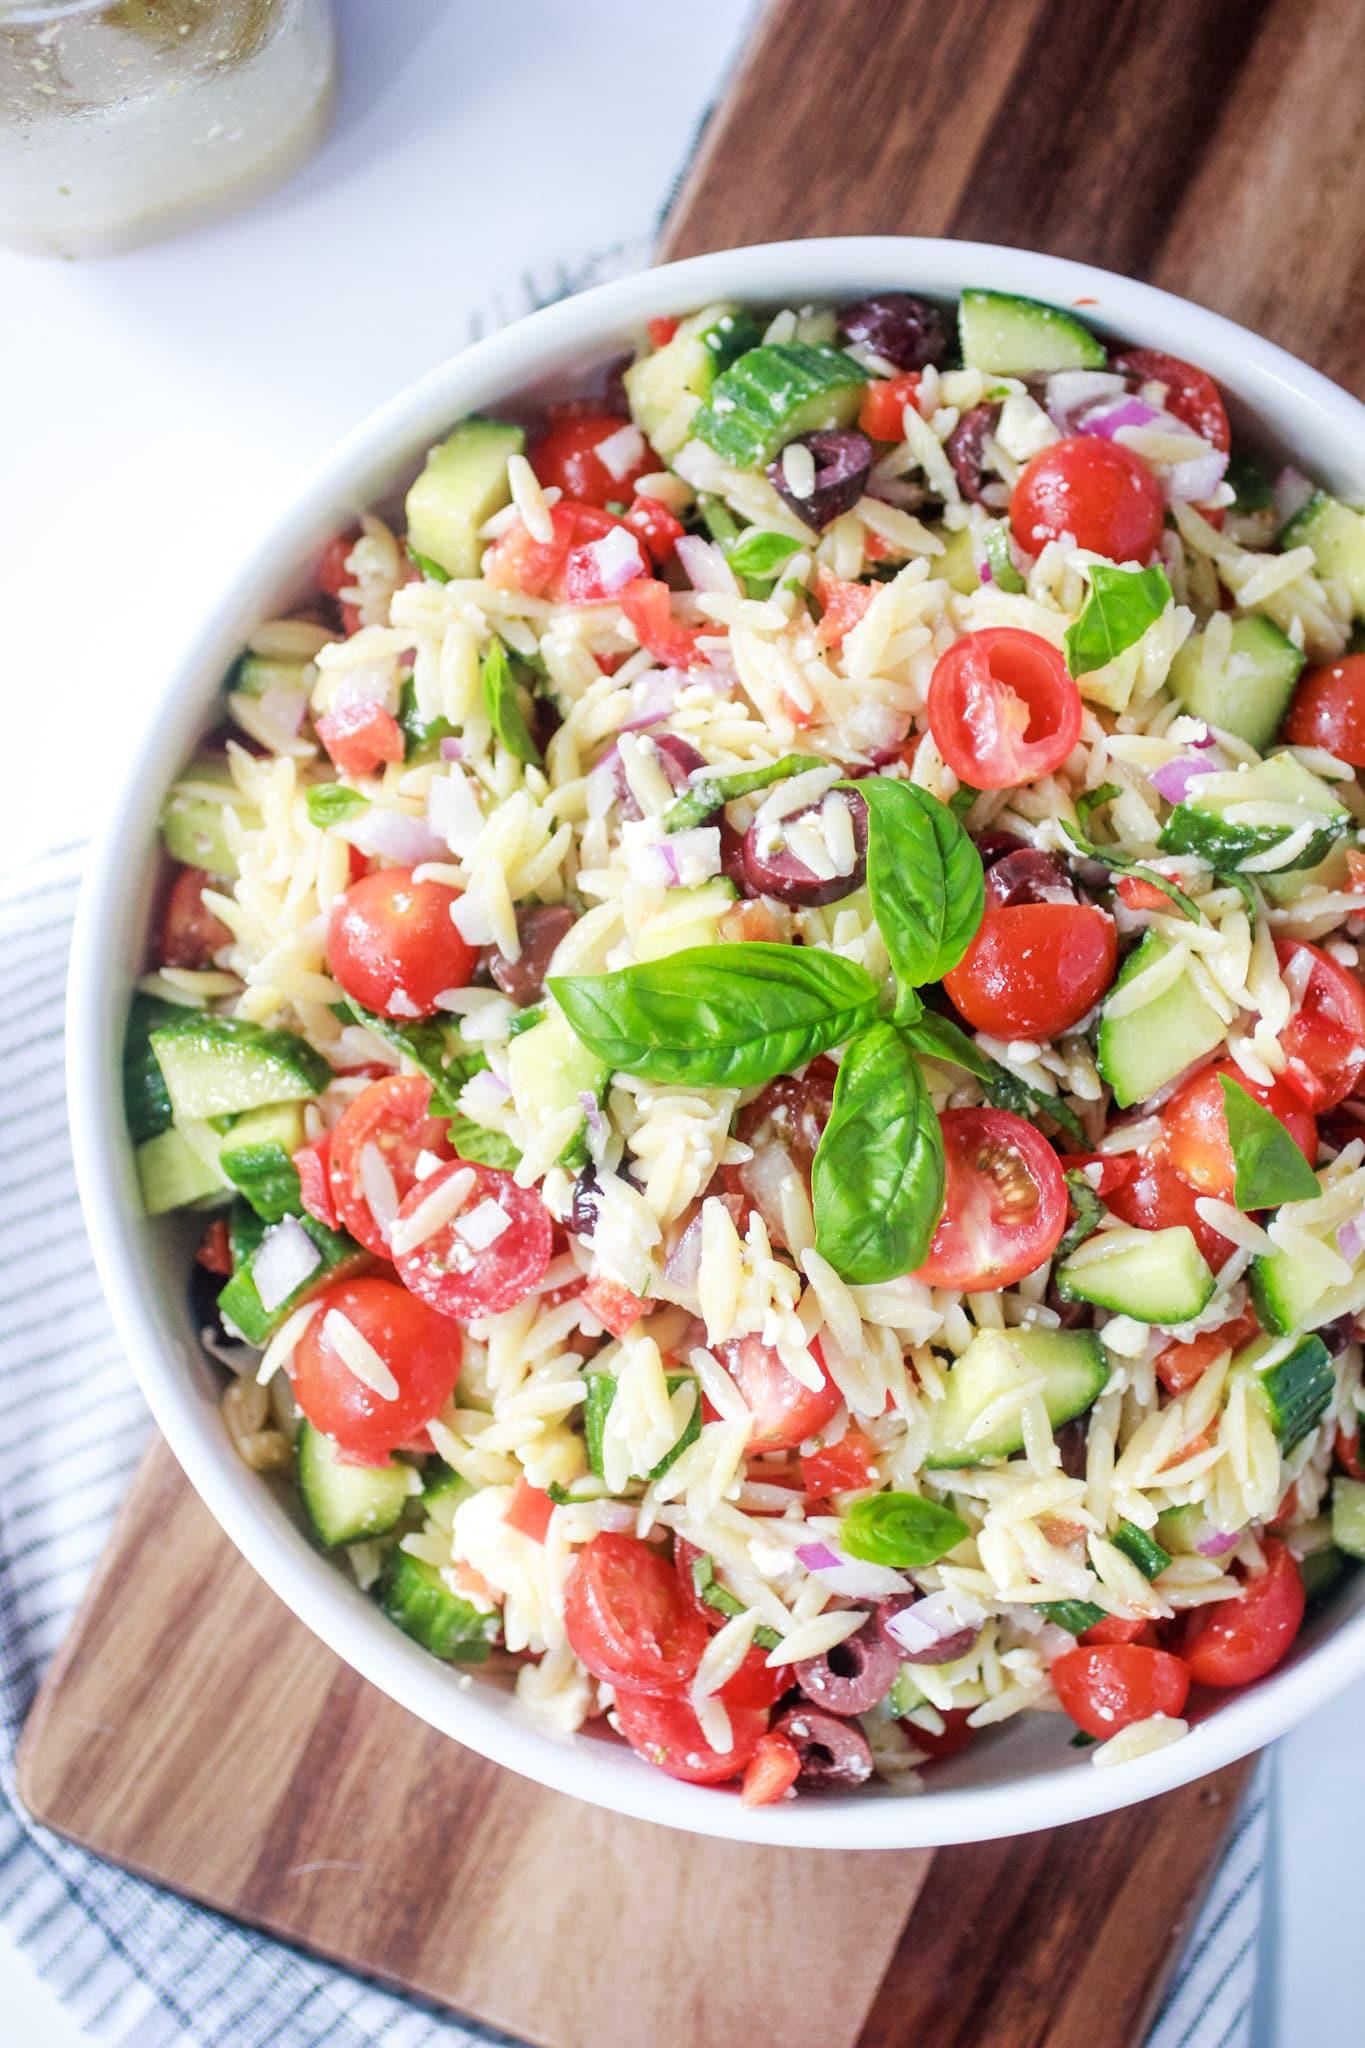 Greek Feta Salad in a white bowl.